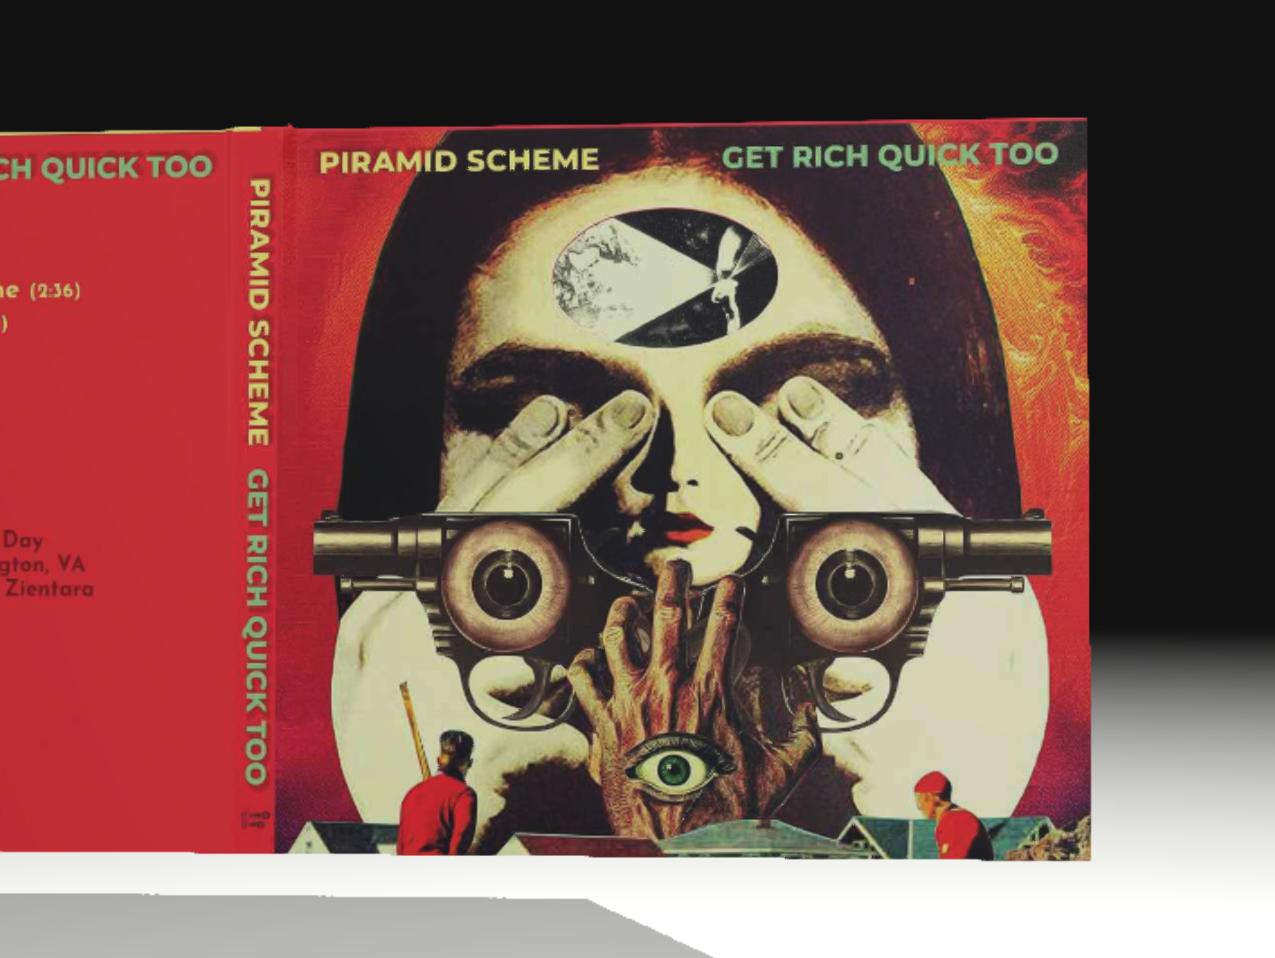 PIRAMID SCHEME digipak design digipak cddesign cd packaging graphicdesign design